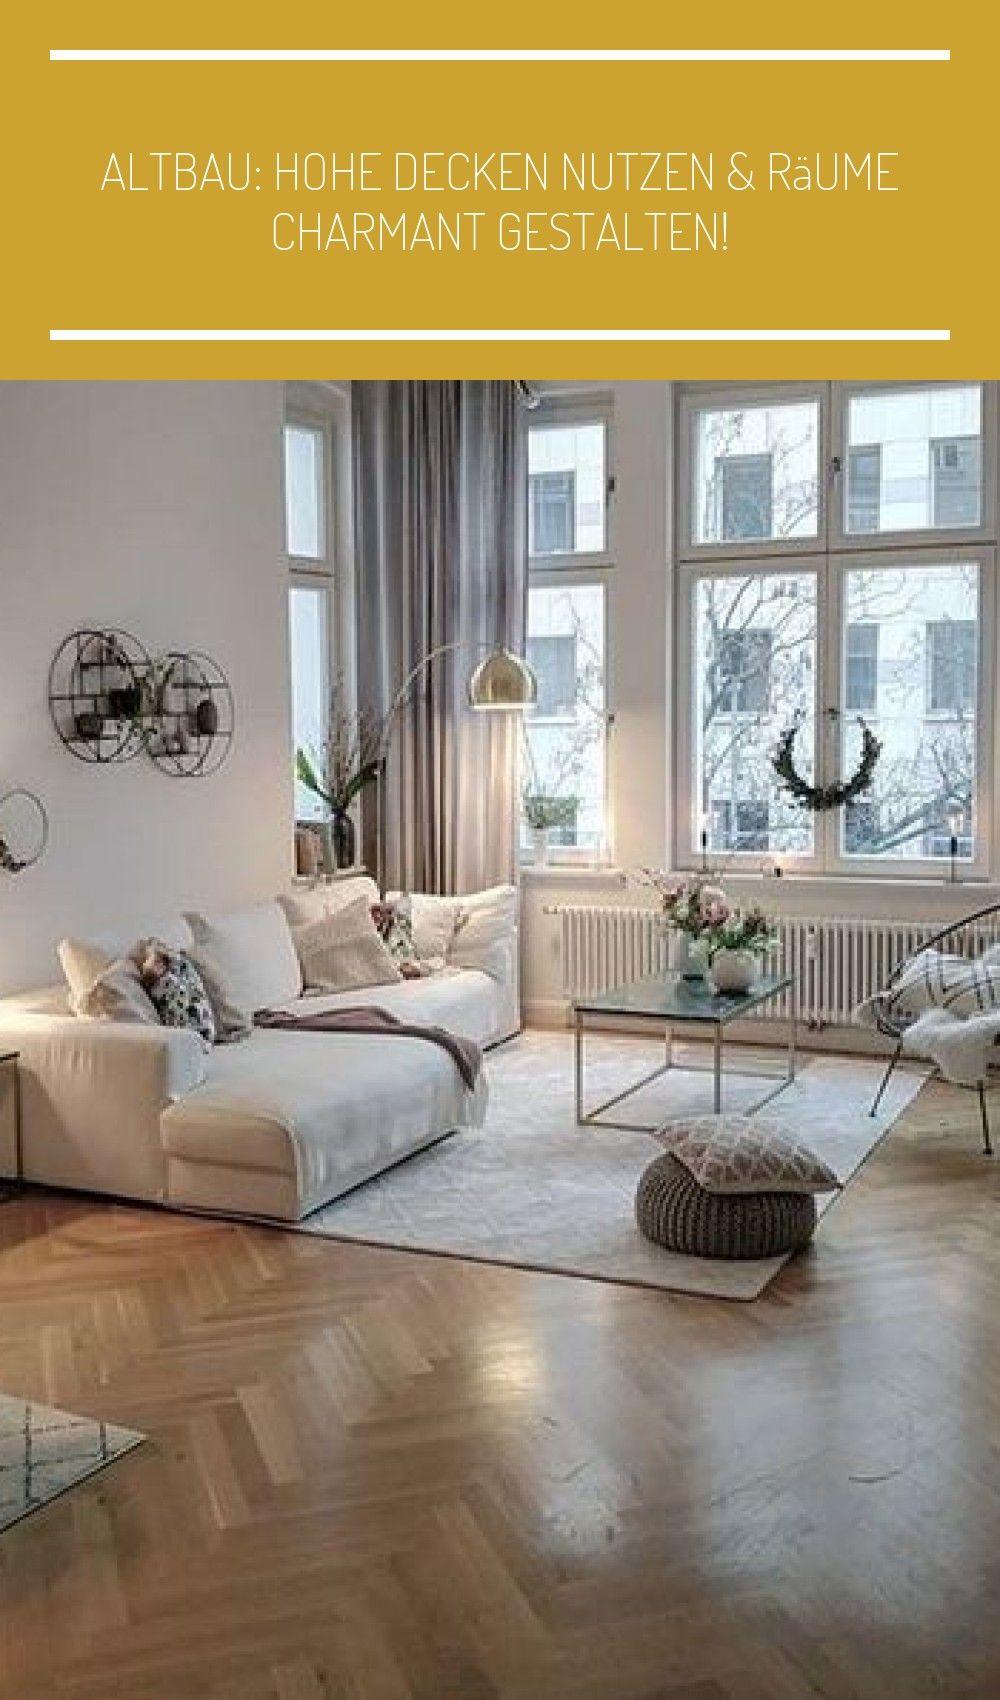 wohnen #wohnzimmer #dekoration #altbau #lampen #altbau einrichten